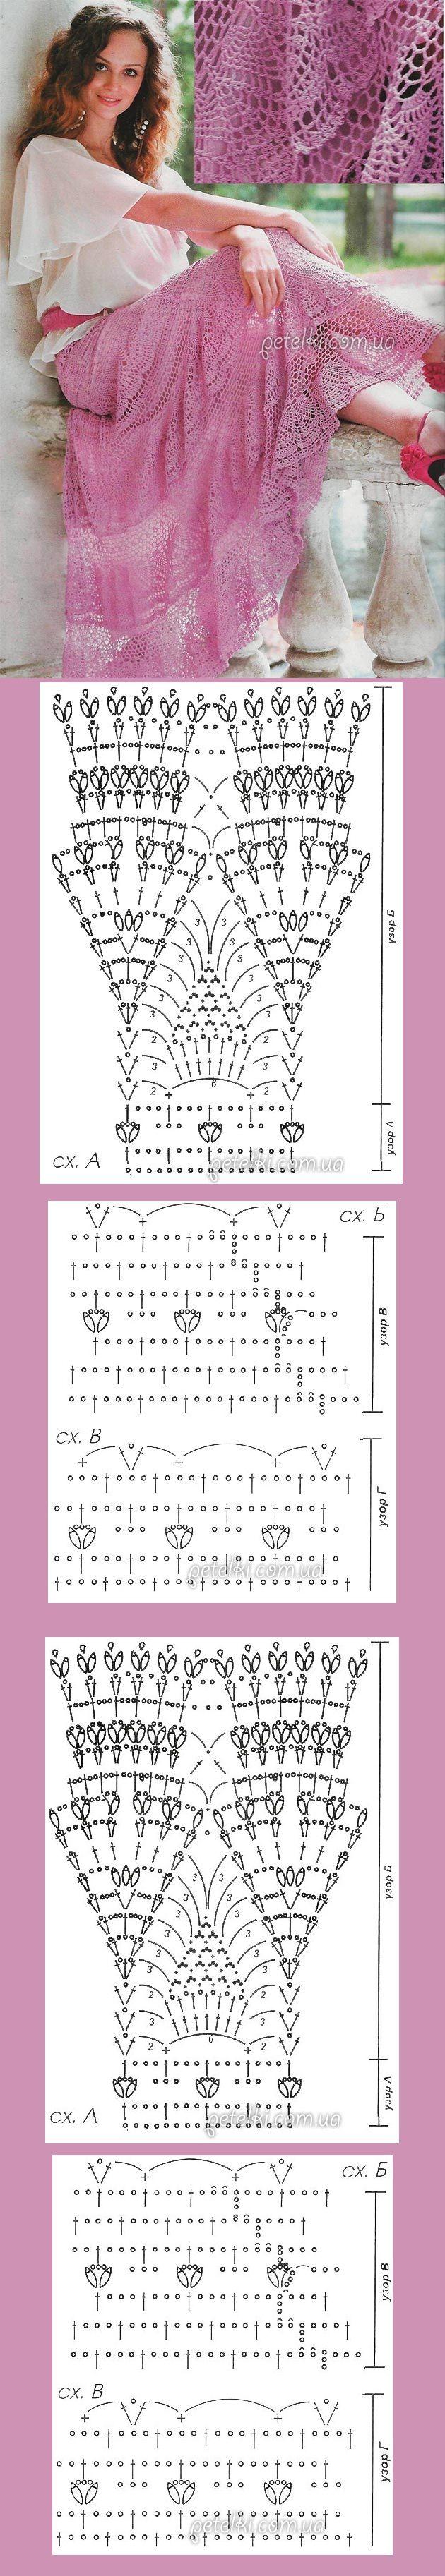 Saia longa em crochê. TAMANHO 40; 95 cm comprimento. Saia composta por 5 níveis, em círculo. O padrão B é repetido em cada camada, mas eles começam de modo diferente. 1º nível composto por 16 repetições. Começar com 256 correntes. Início padrão A, depois padrão B. A 2ª camada com base no número penúltima do 1º escalão do padrão B, continuar padrão B. São 27 repetições. Igual forma o 3º nível, que tem 40 repetições. O 4º e 5º níveis começar no padrão B. A 4ª: 50 repetições, o 5º: 63…